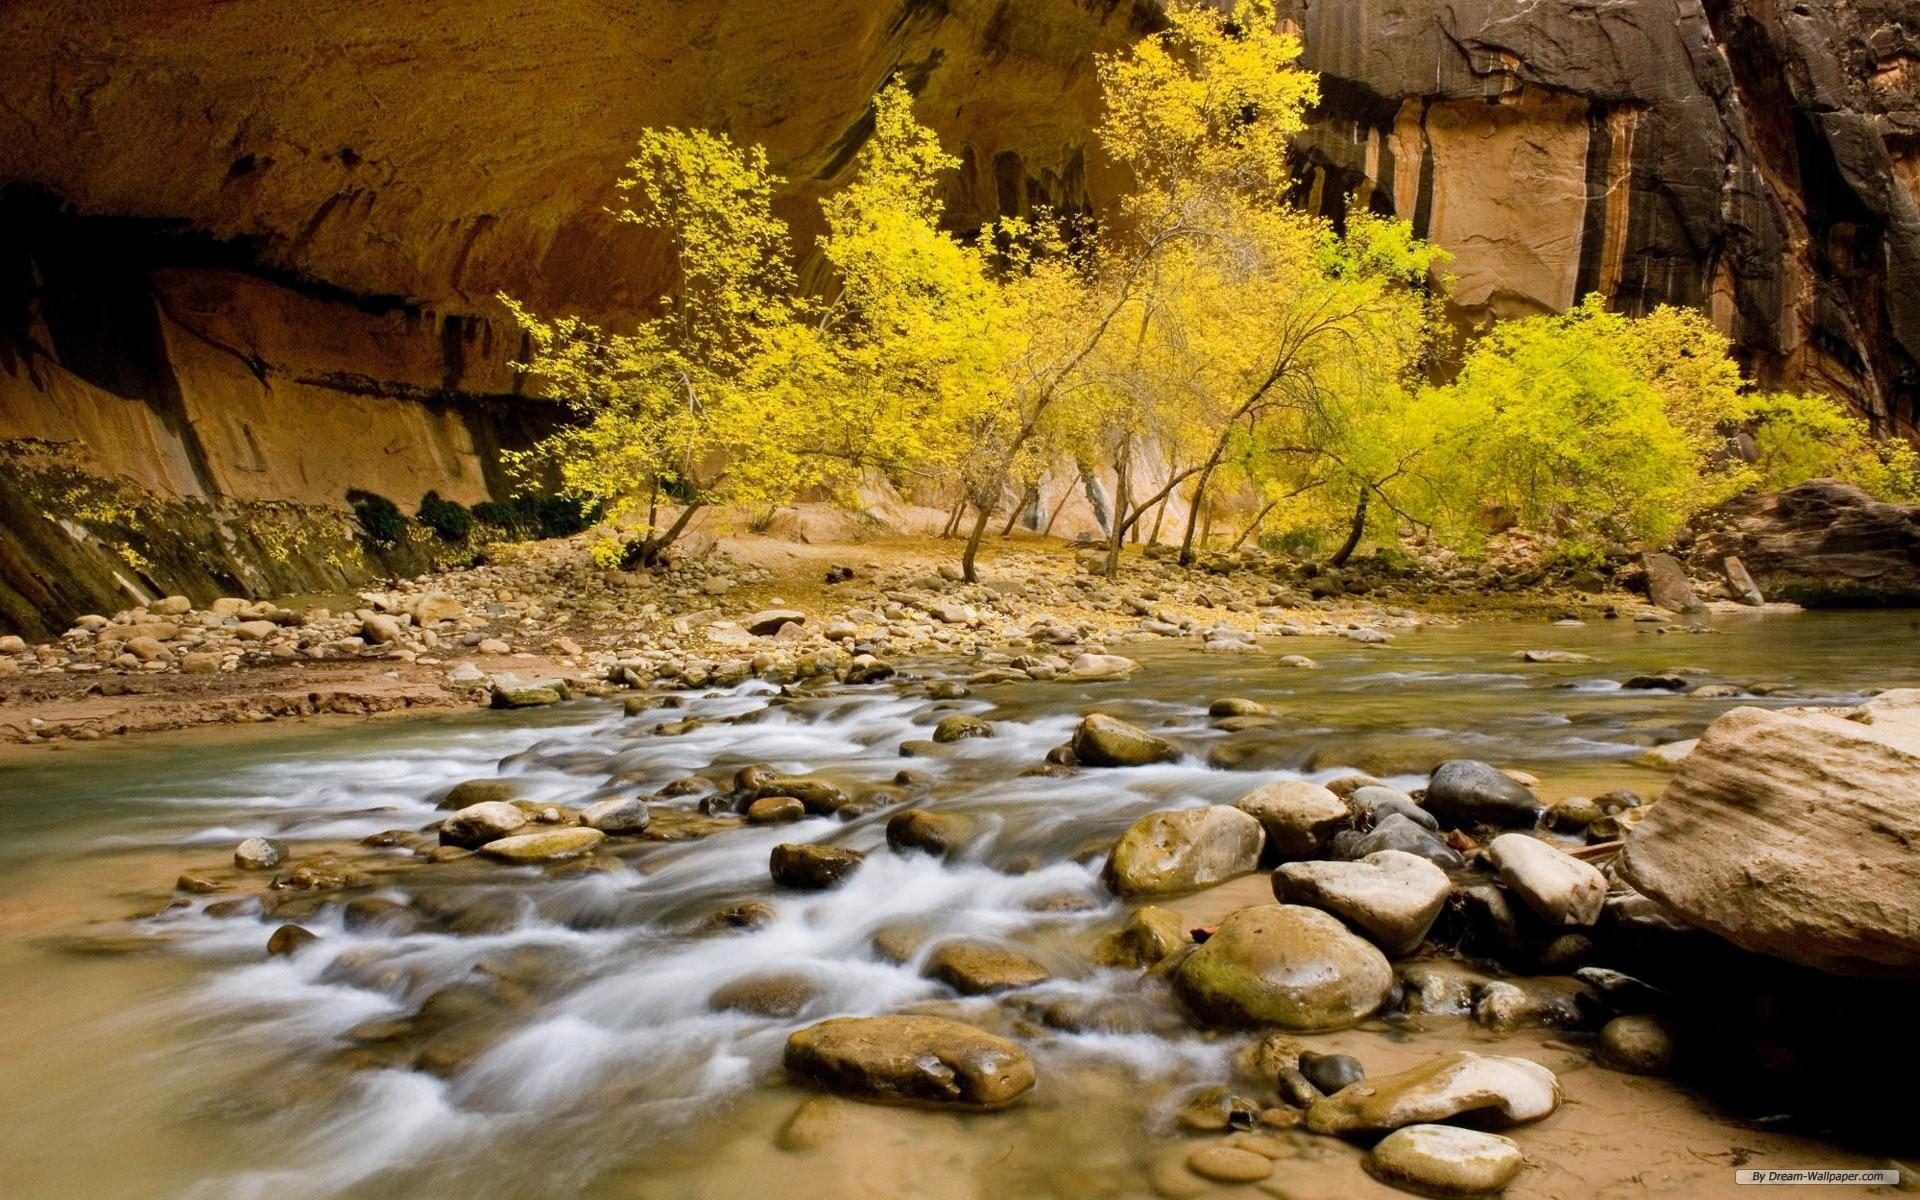 nature_stream_side_nature_mobile_wallpaper.jpg